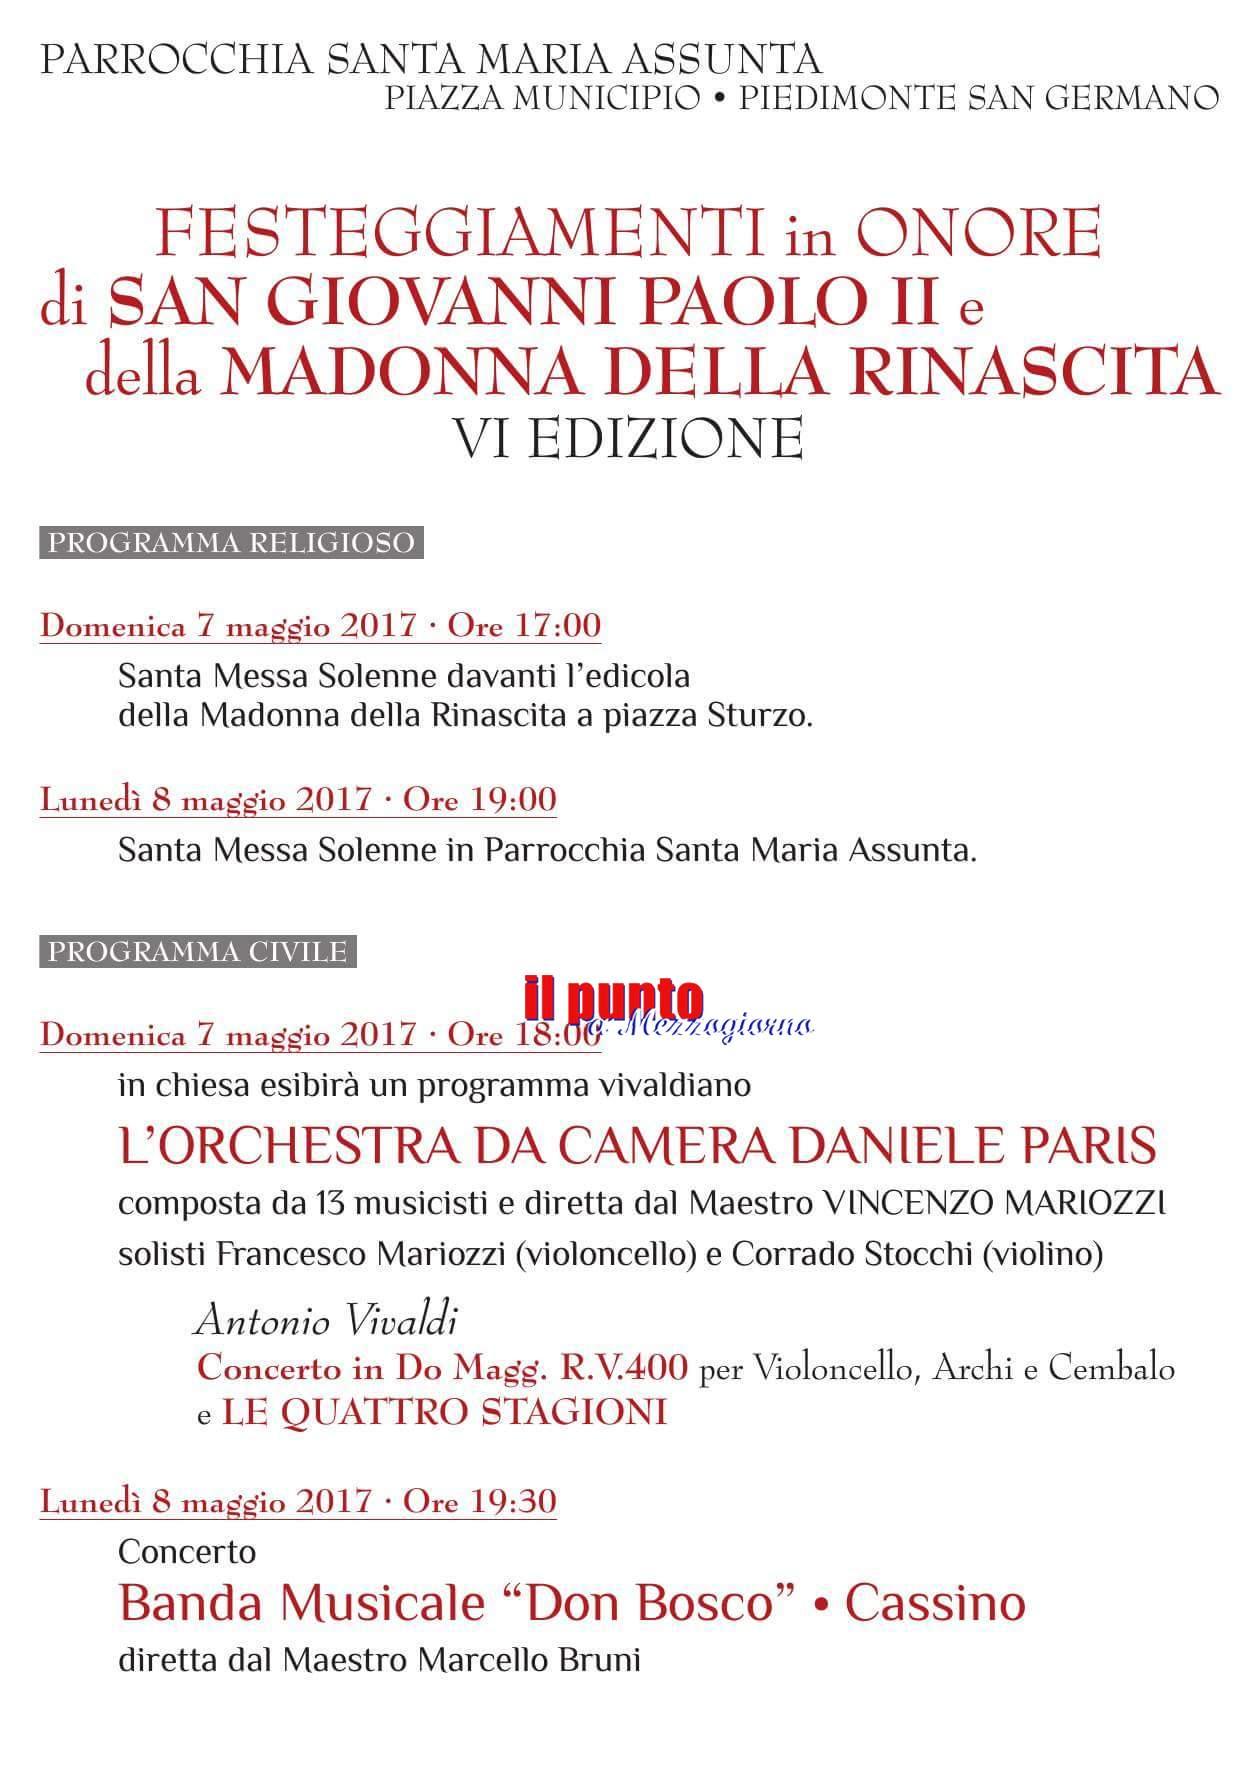 Le Quattro Stagioni di Vivaldi per la festa della Madonna della Rinascita e di San Giovanni Paolo II a Piedimonte San Germano